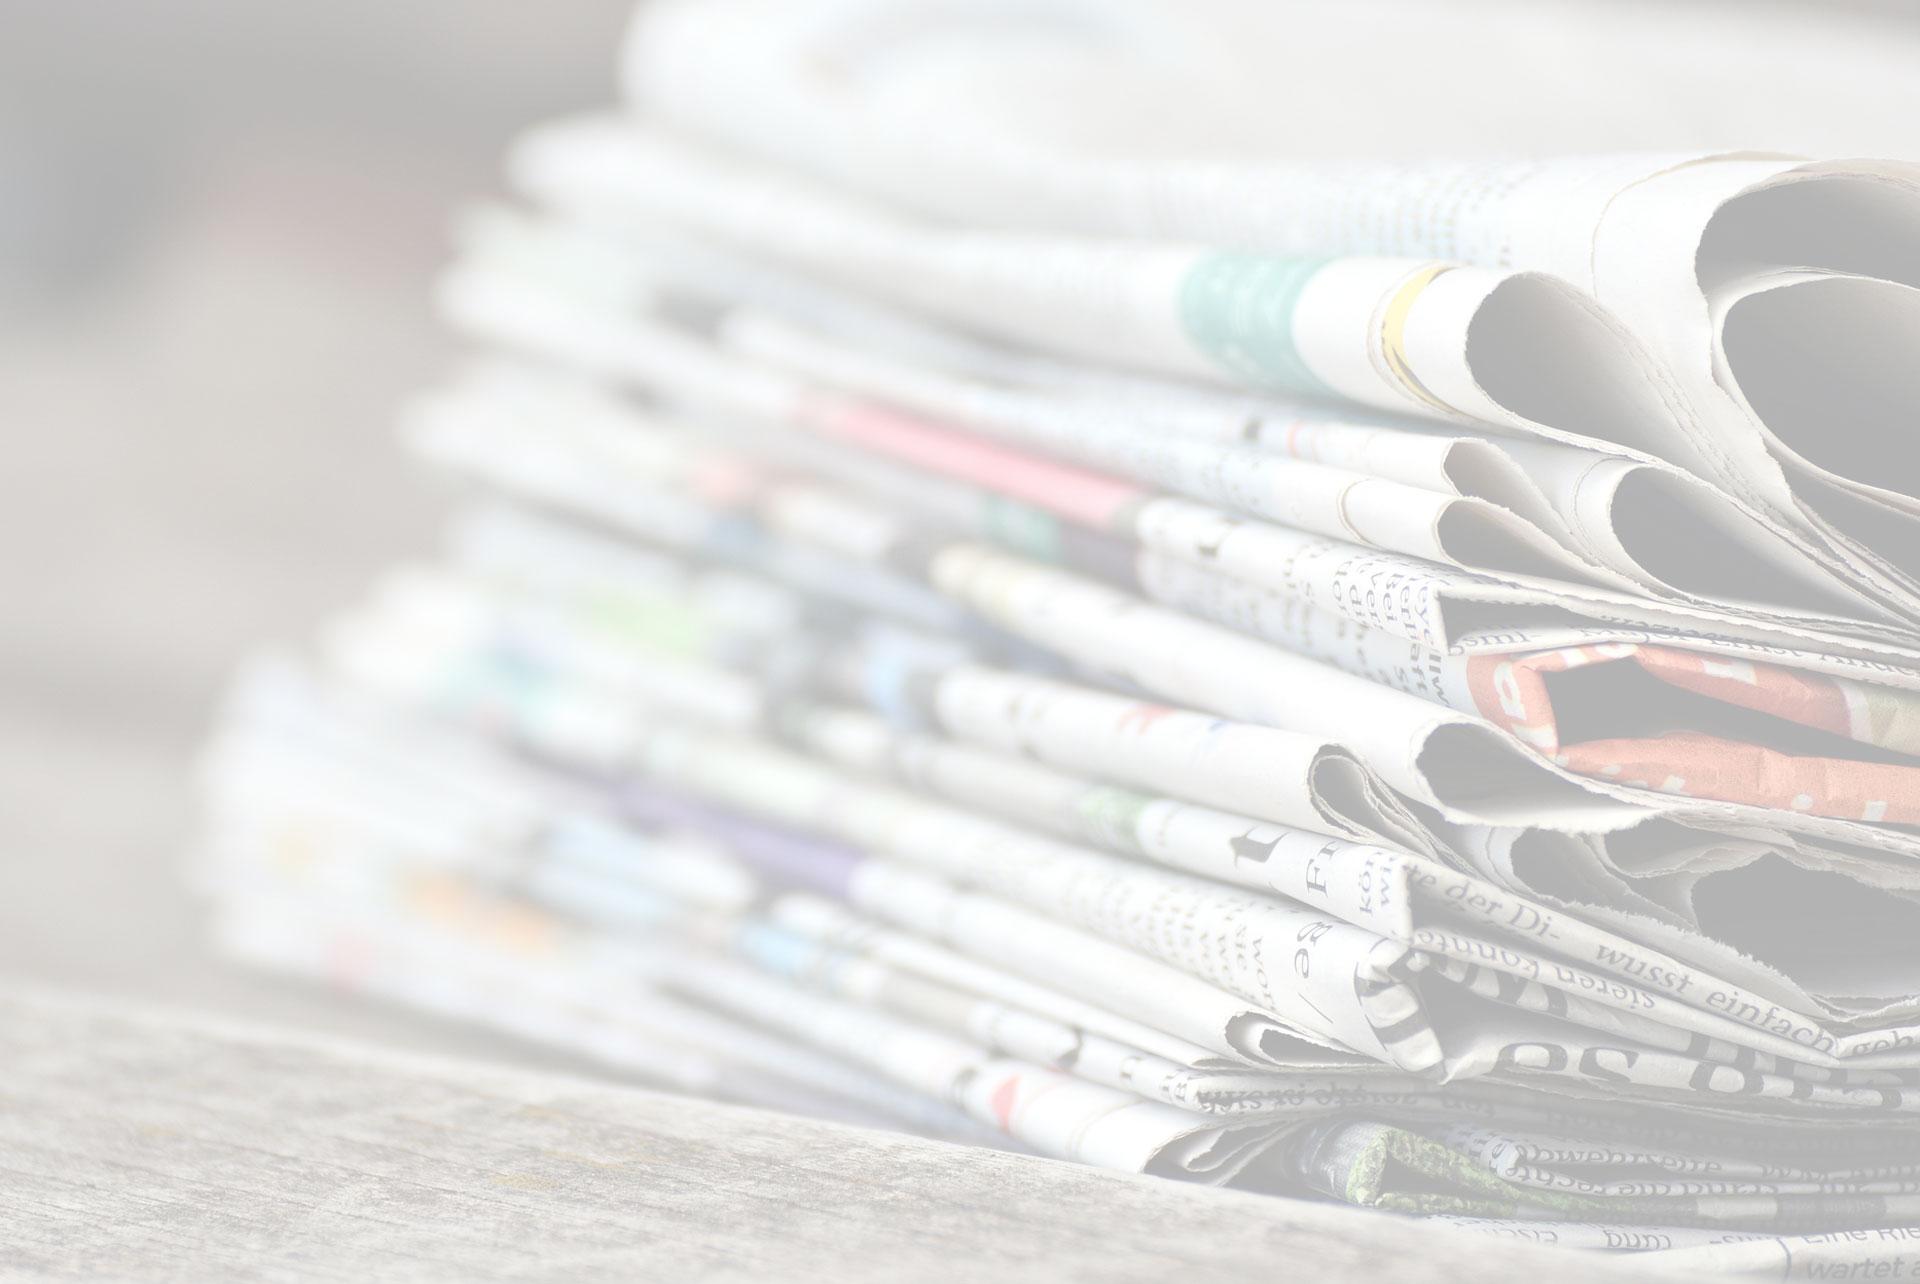 Metodi di pagamento Google - come gestirli